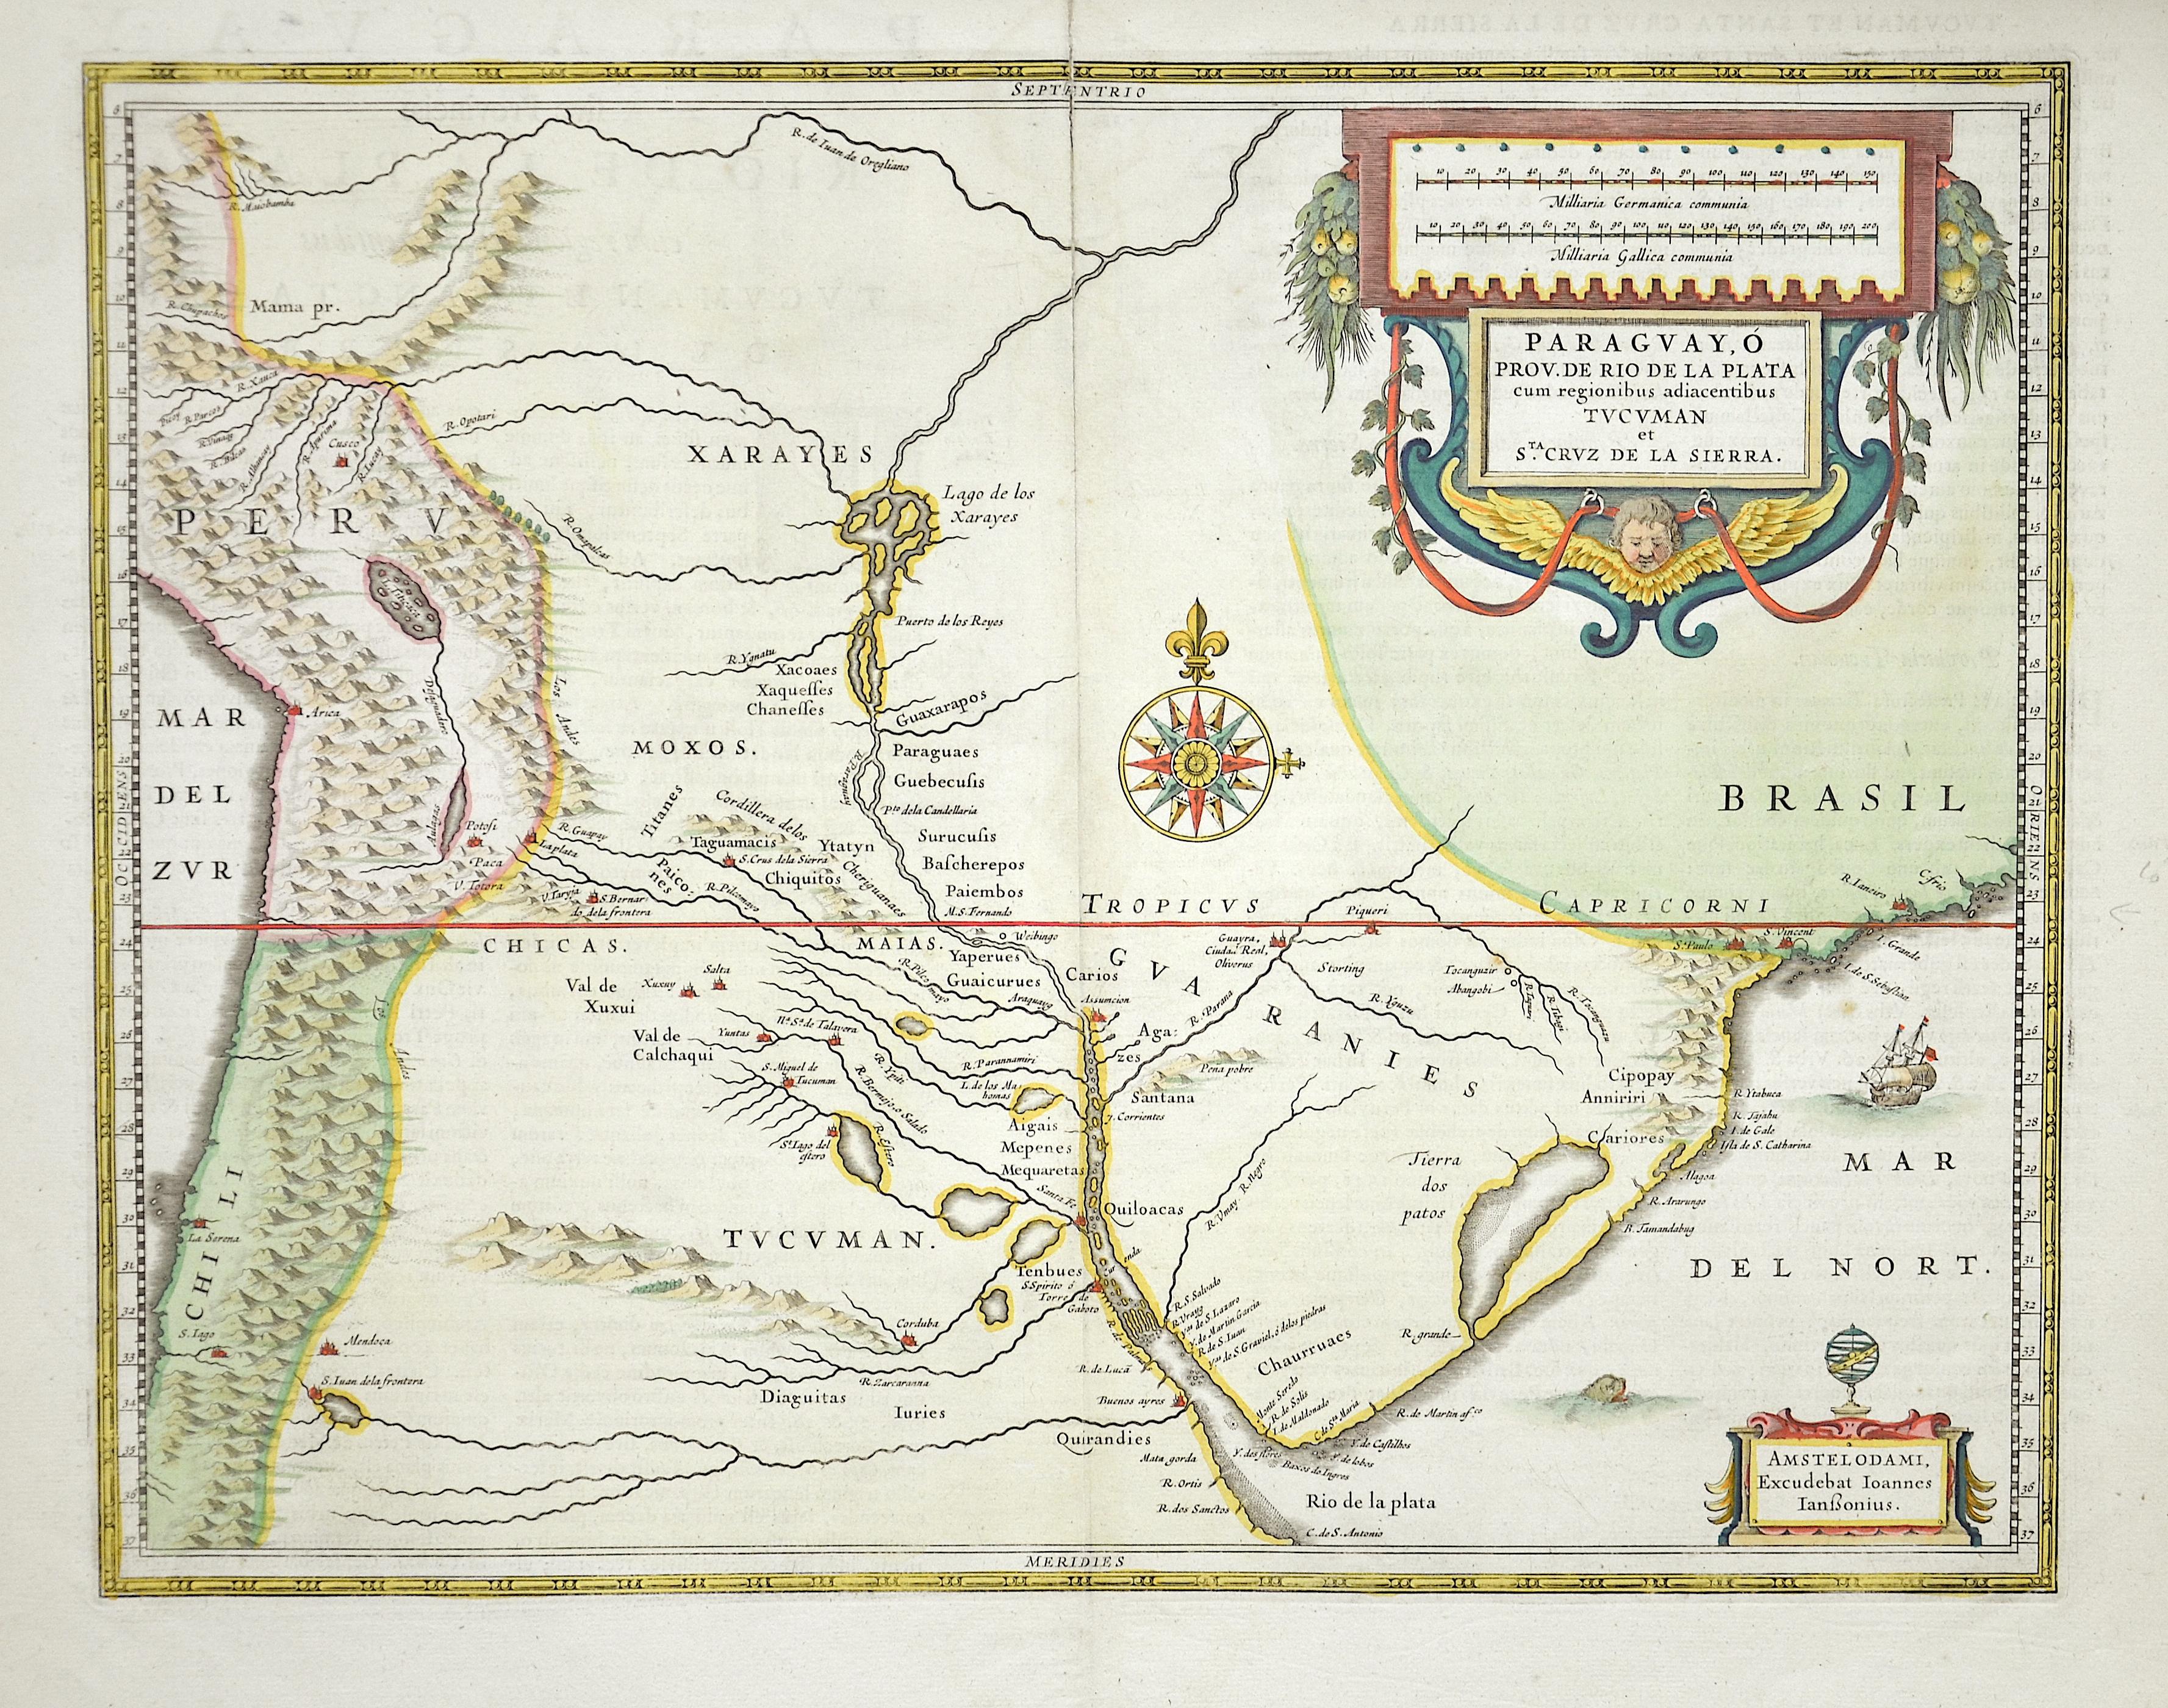 Janssonius  Paraguayo Prov. de Rio de la Plata…